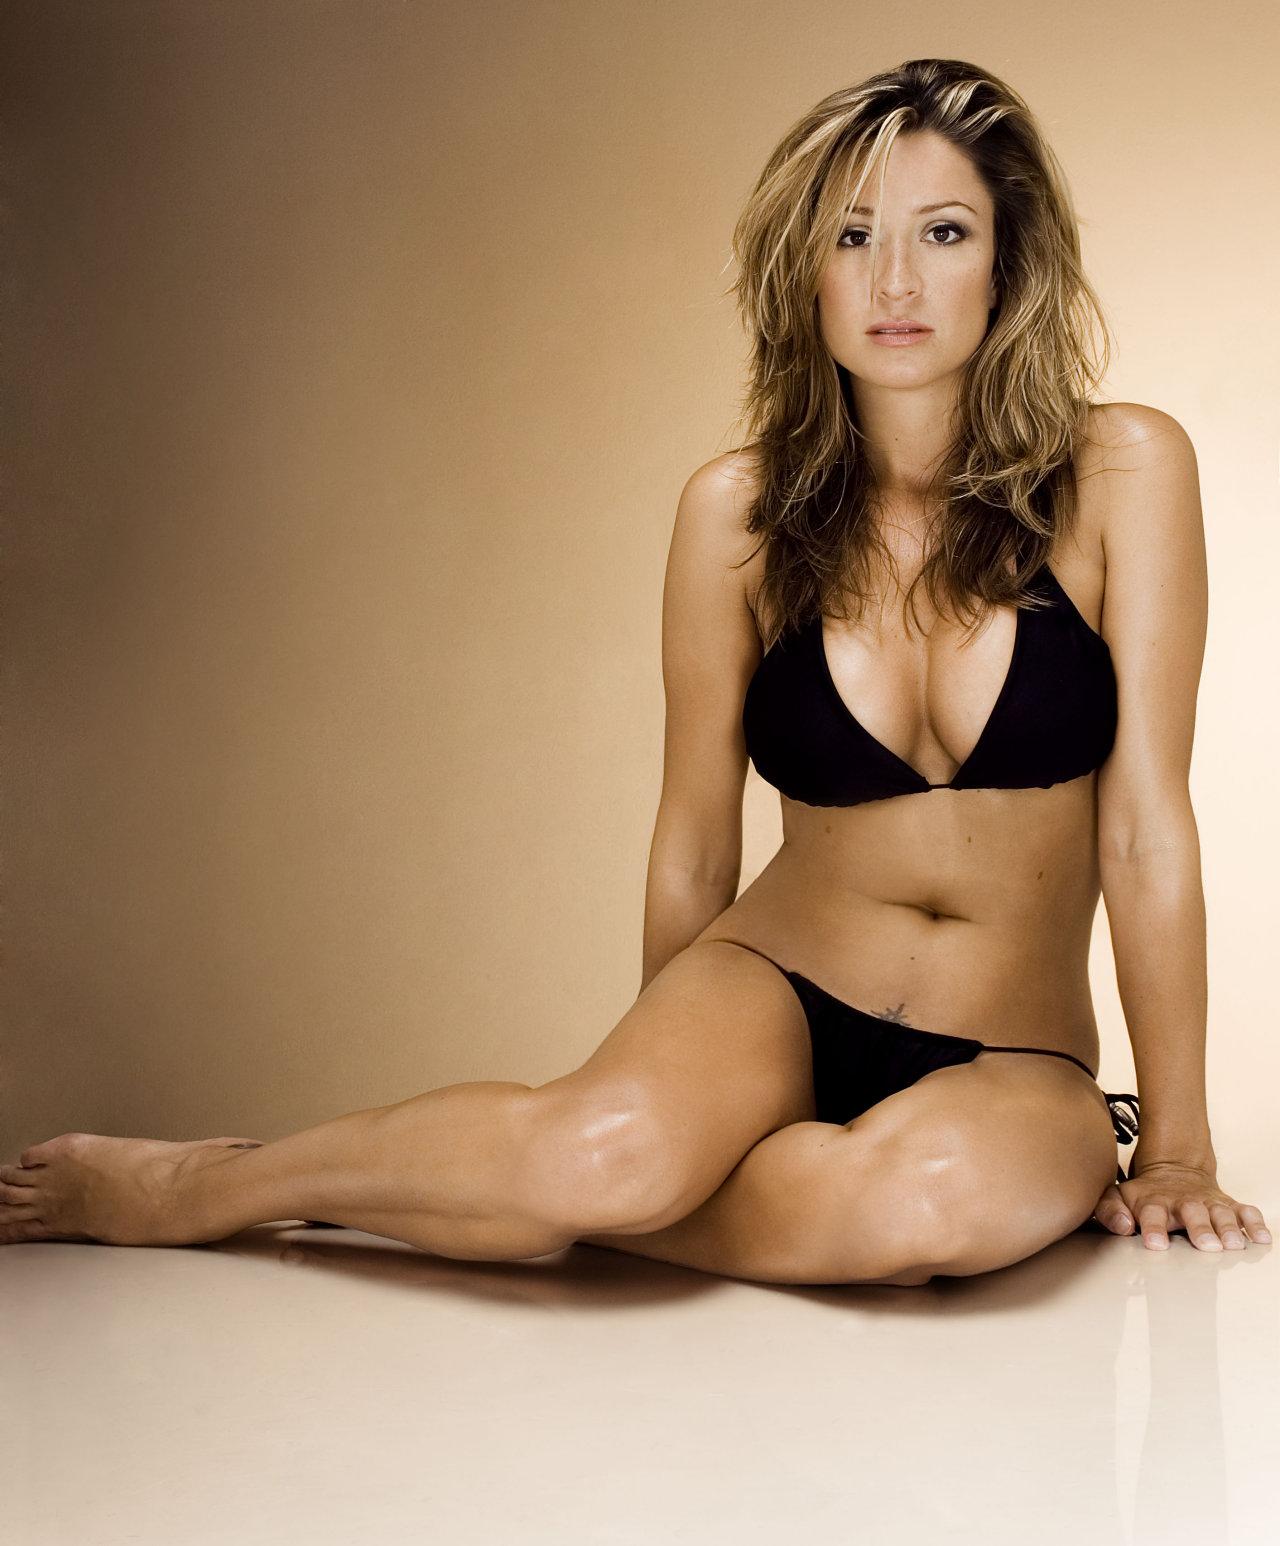 Hậu trường - Cô 'thư ký tình' cực sexy của Beckham (Hình 8).